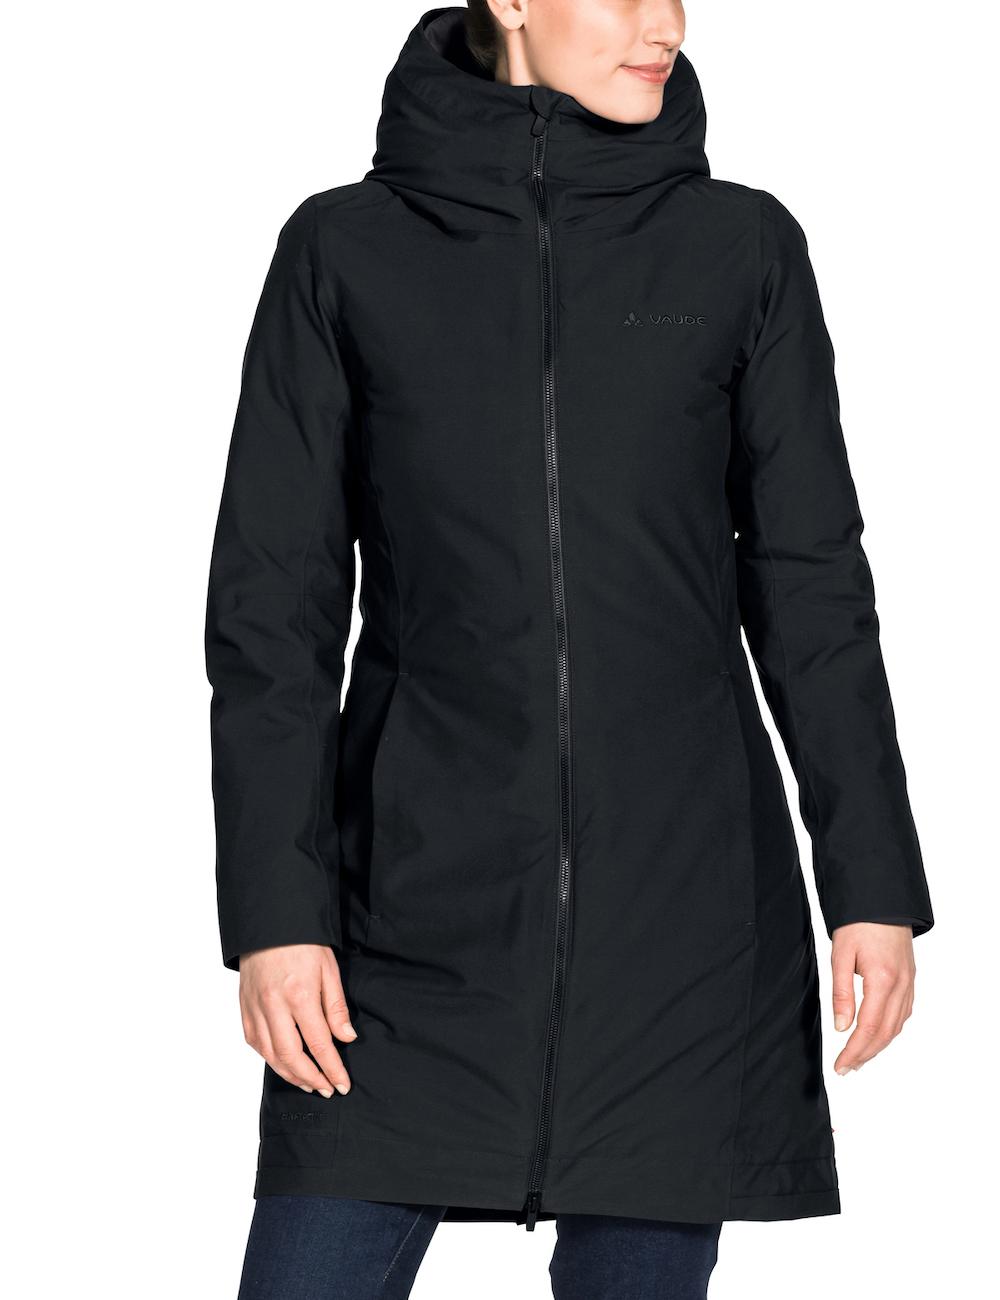 Vaude - Annecy 3-in-1 III Coat, Wintermantel für Damen